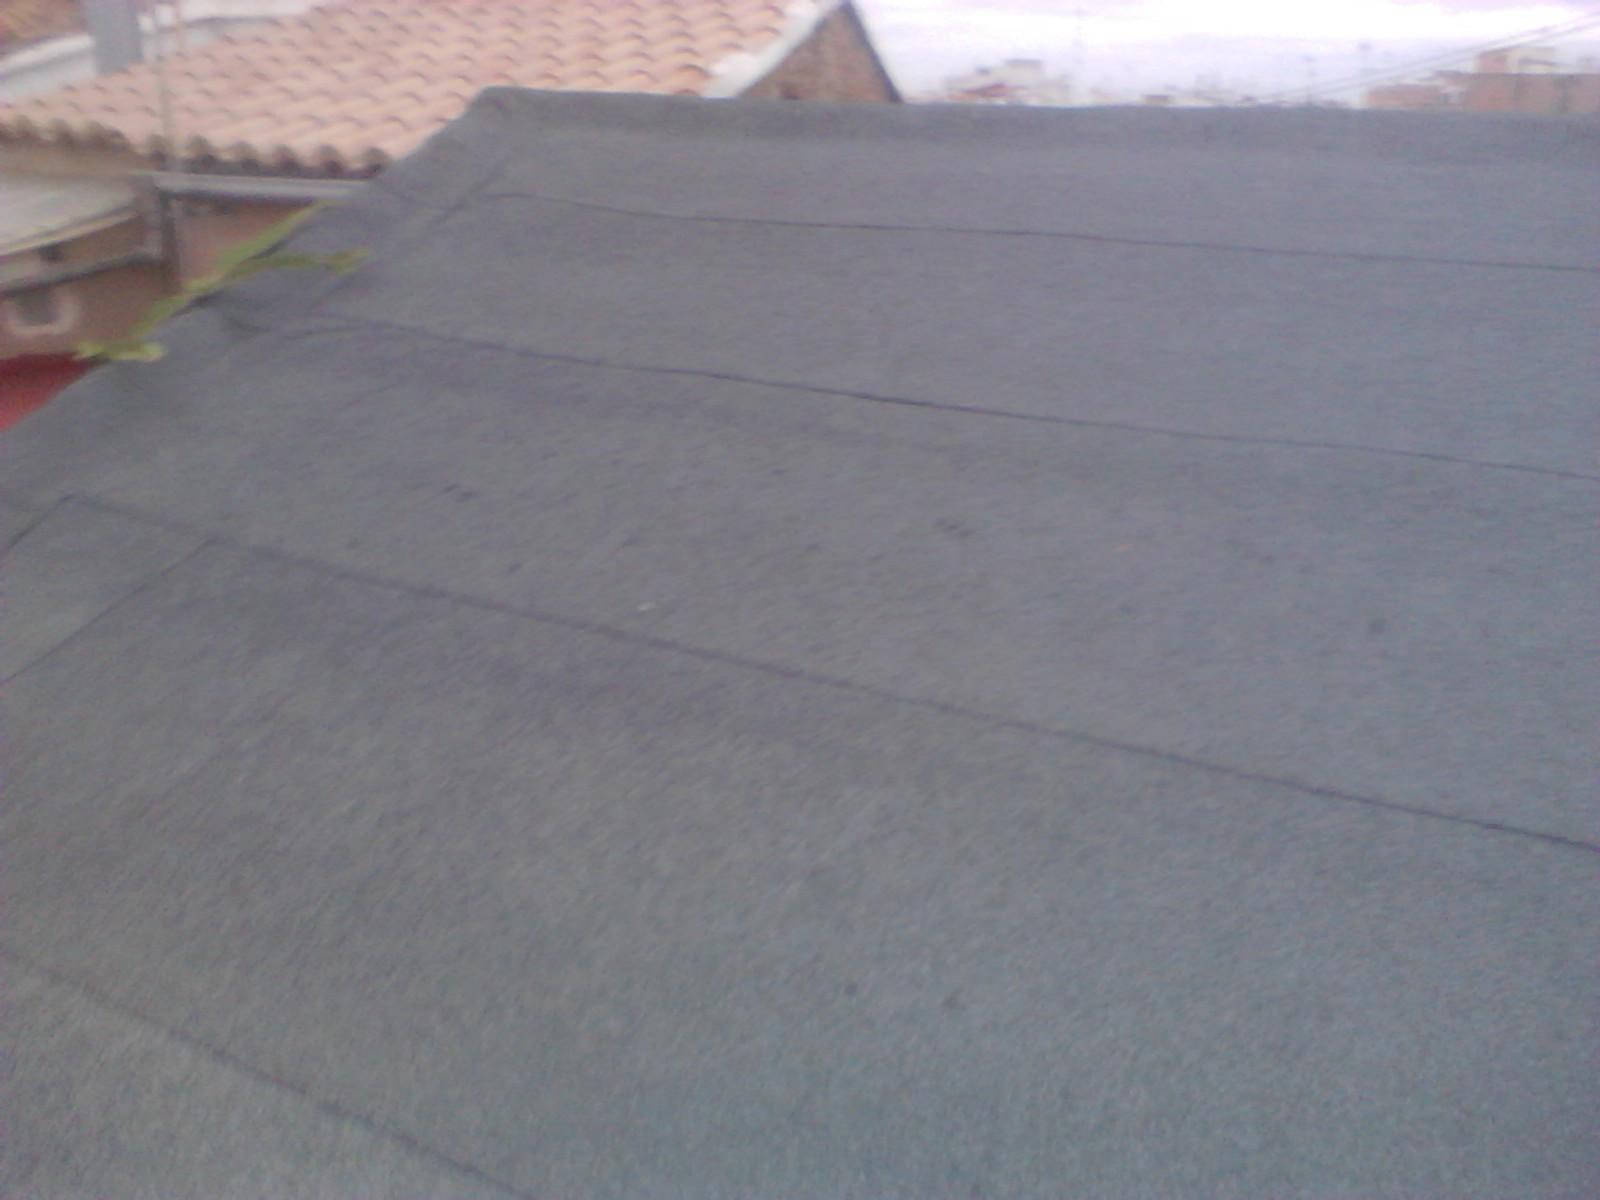 Impermeabilizaci n de tejado en valencia - Impermeabilizacion de tejados ...